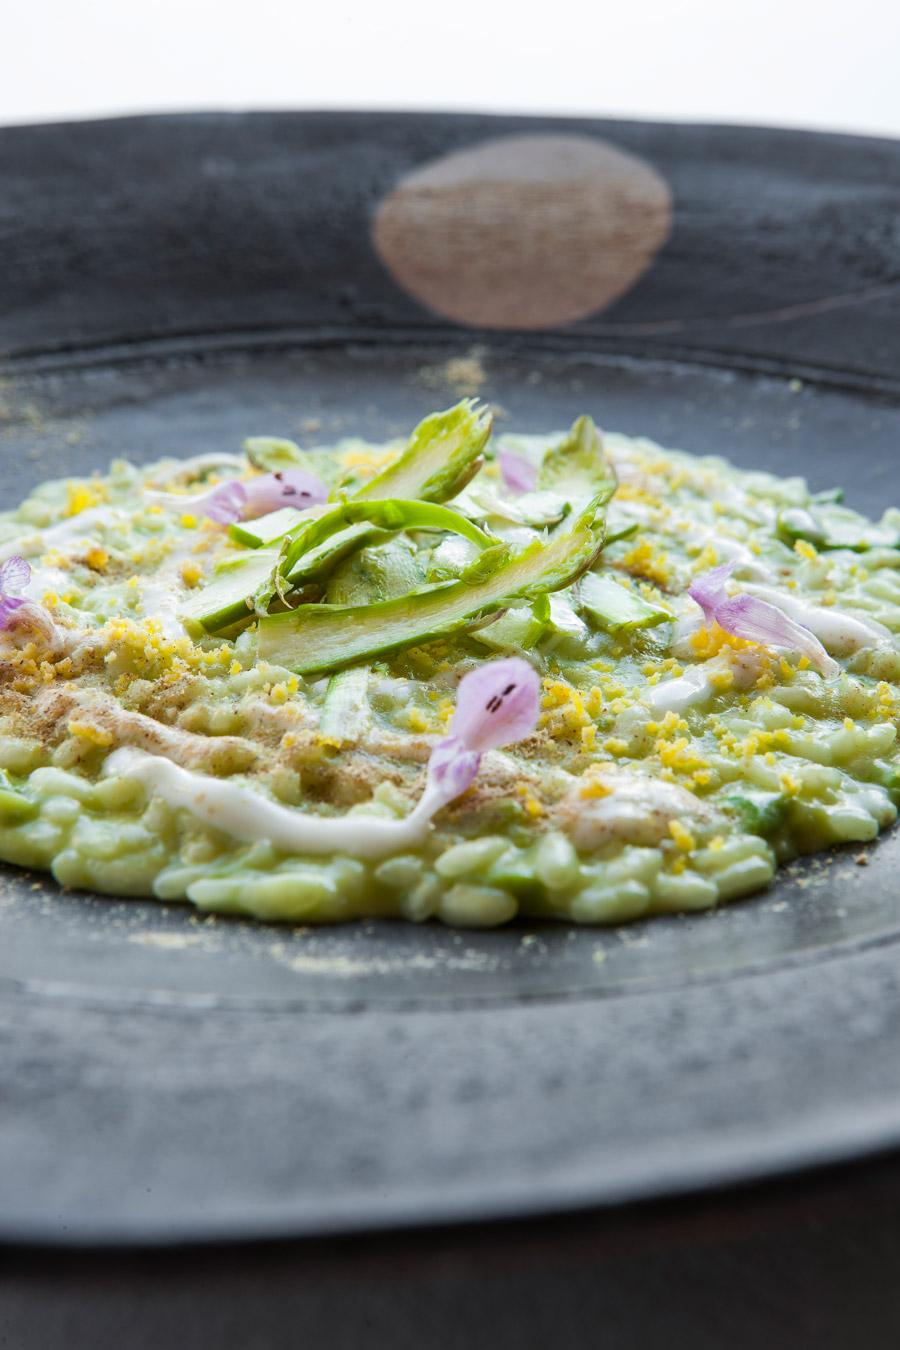 BorgoSantoPietro_food-03